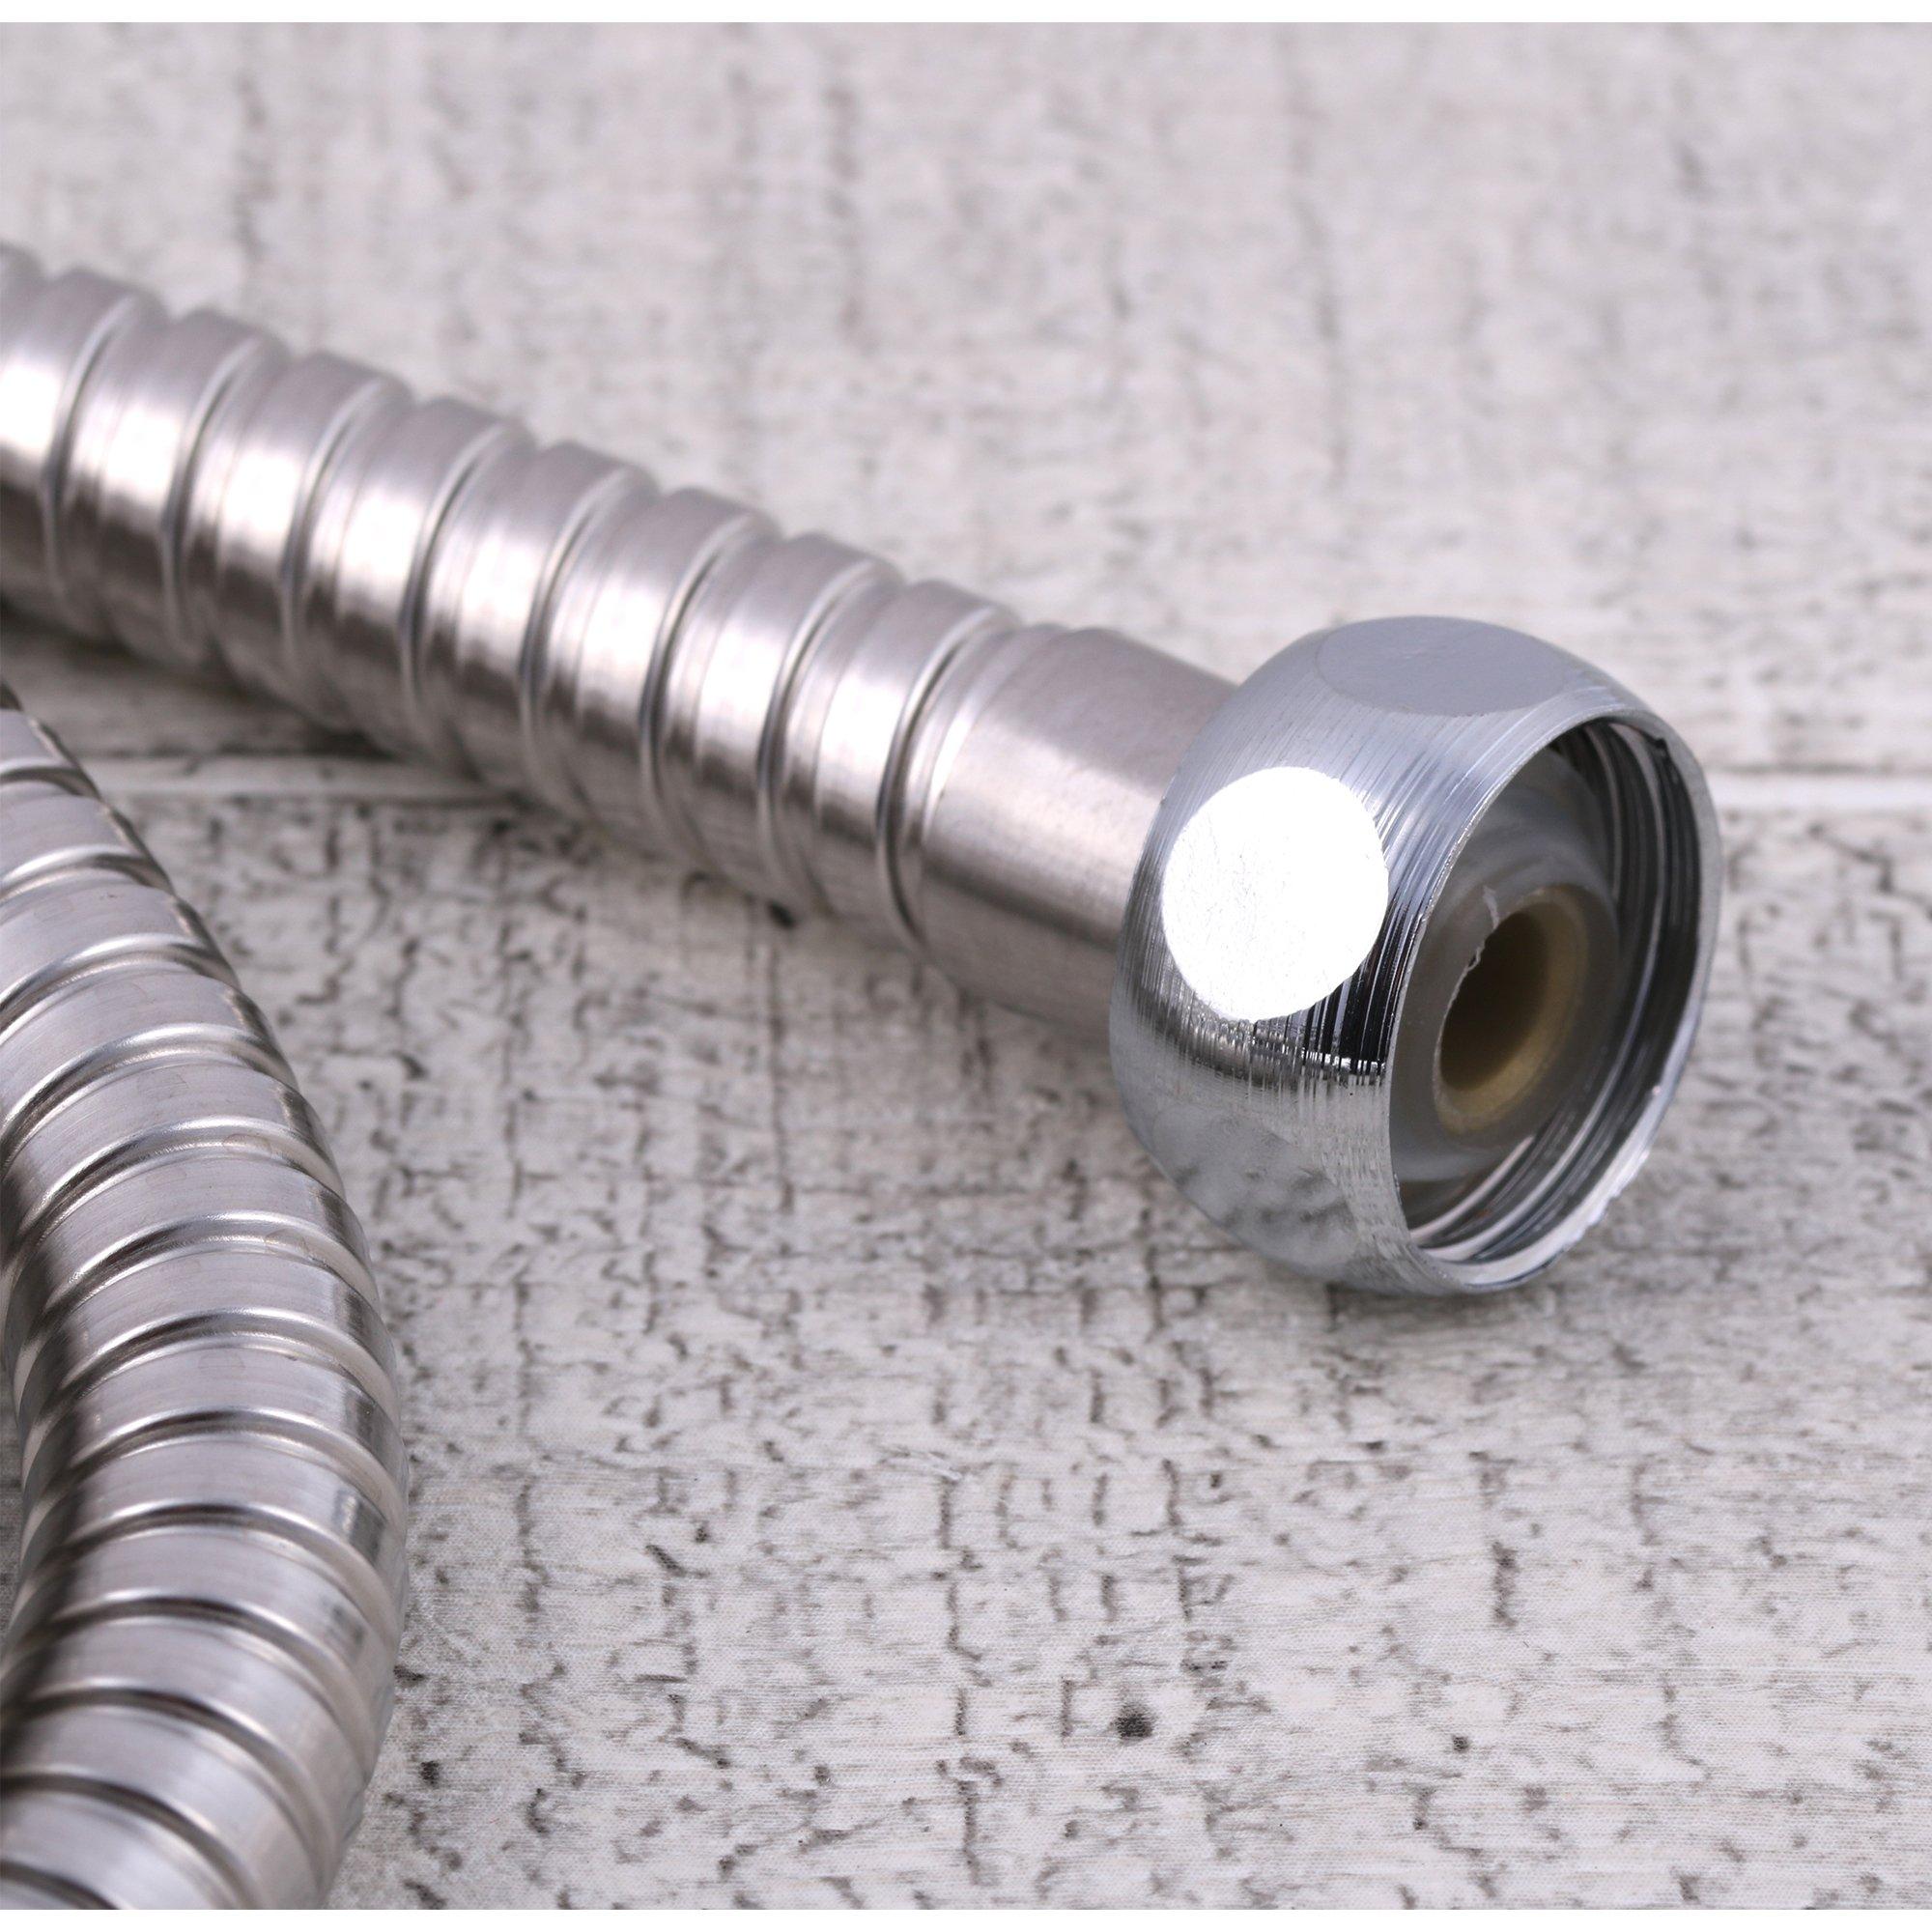 Wąż prysznicowy chromowany standardowy 120cm Zawartość zestawu wąż prysznicowy